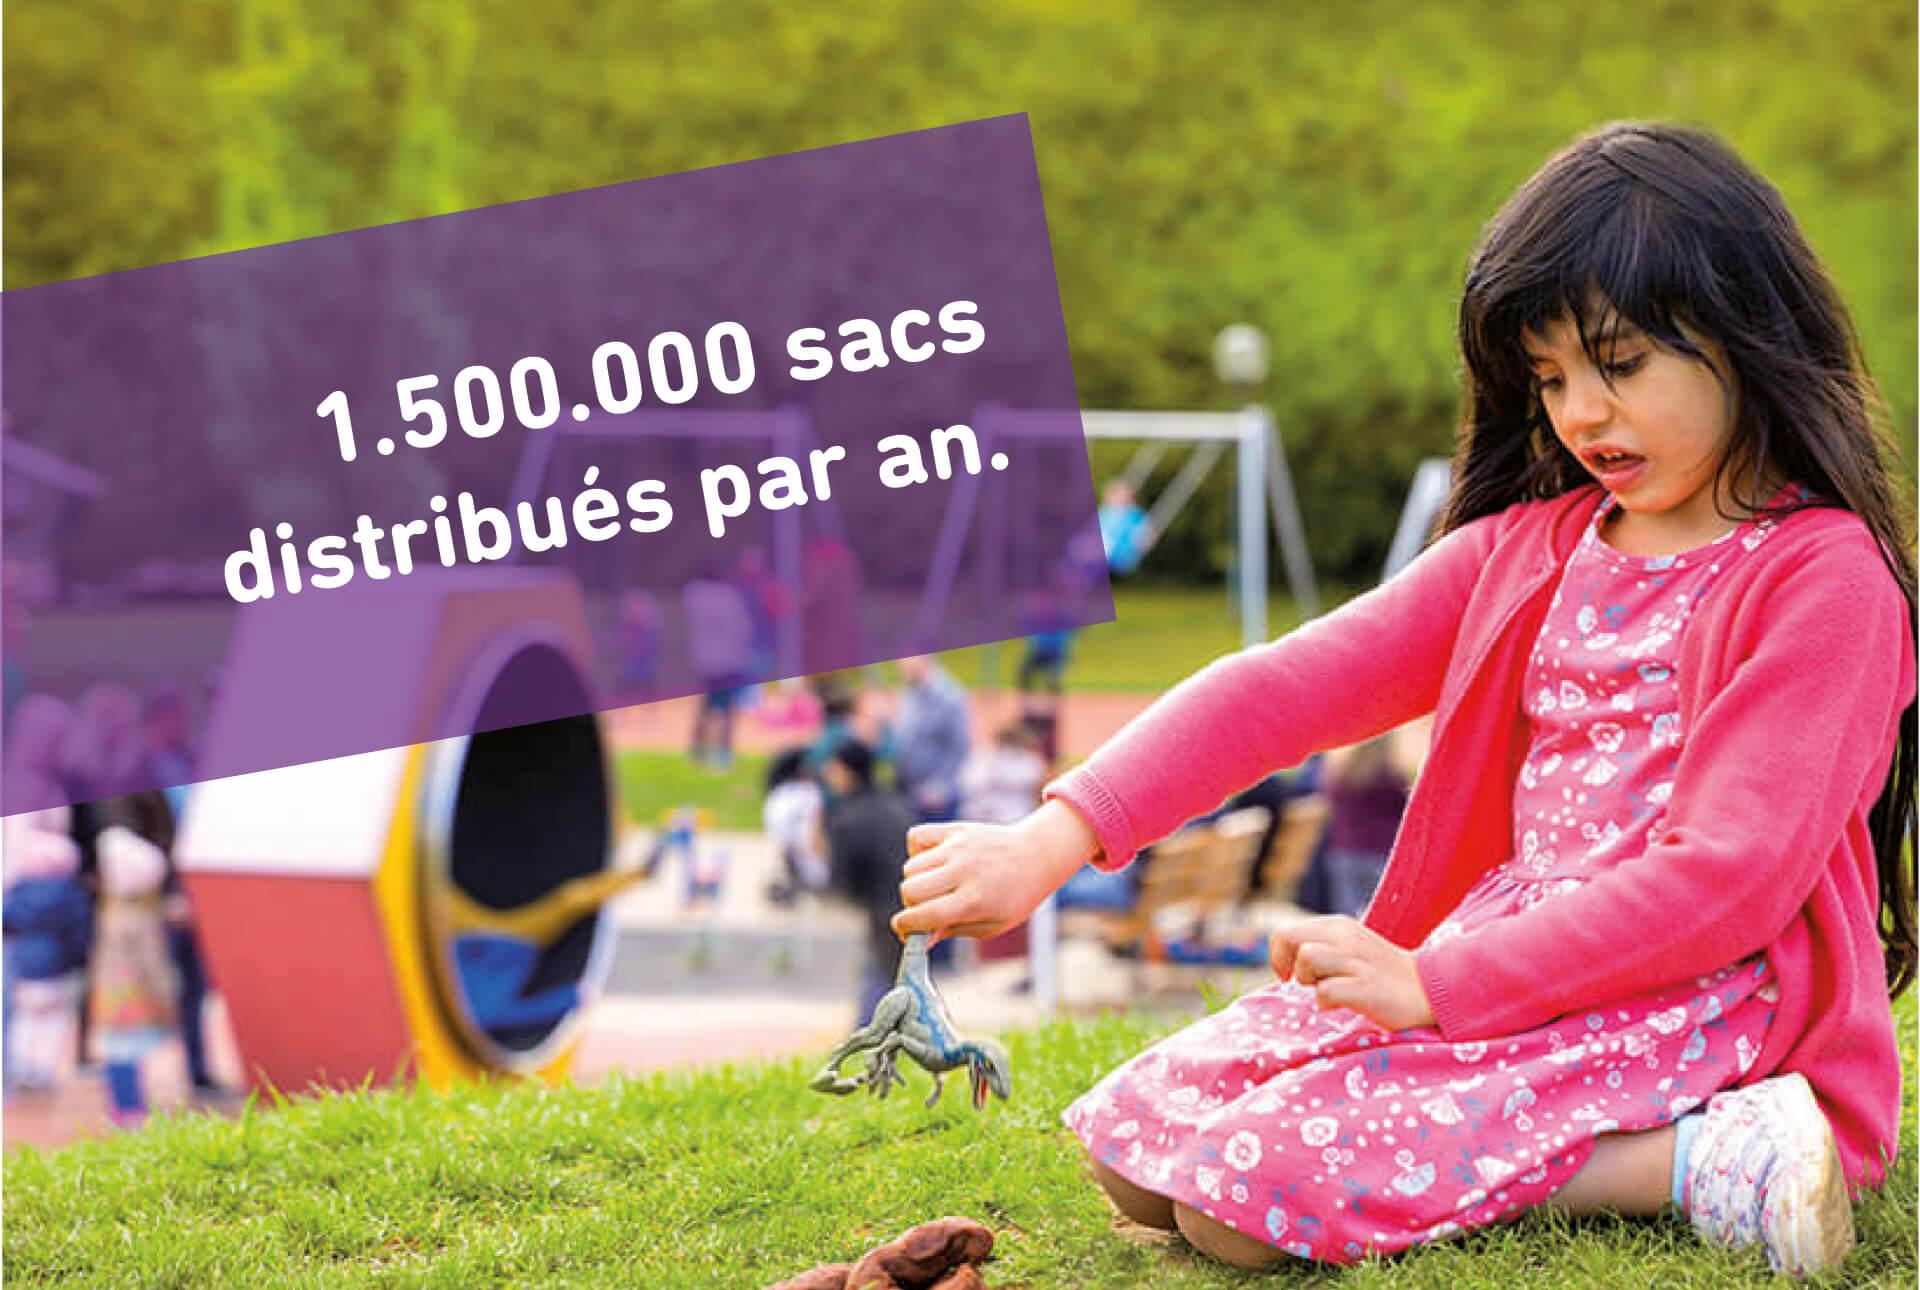 Campagne anti-littering de la Luxembourg-Ville ; la ville distribue des sacs pour les excréments des chiens